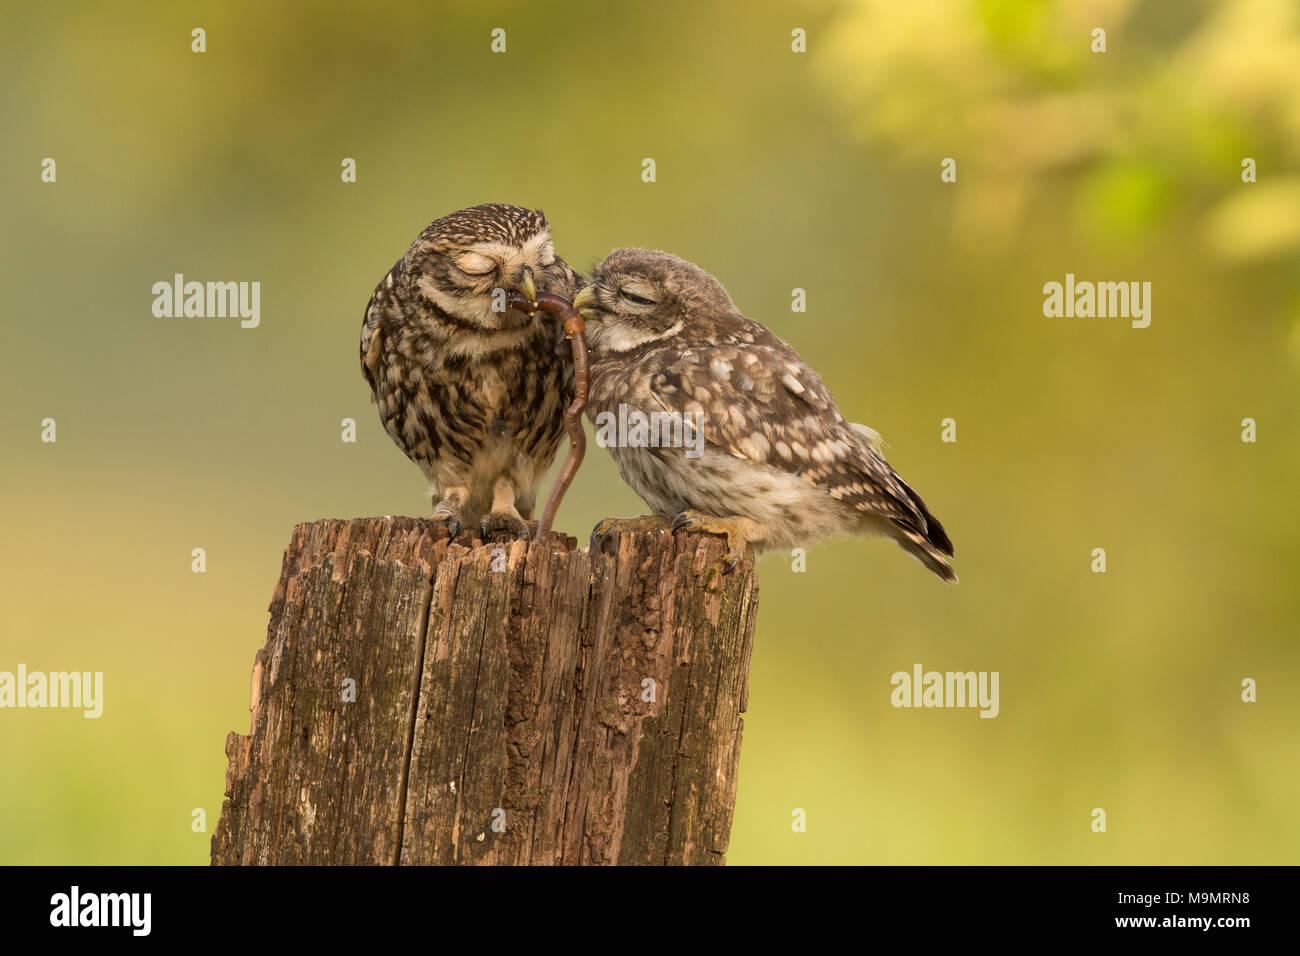 Pequeño búho (Athene noctua), pájaro adulto con el joven animal, la alimentación, la lombriz de tierra como presa, Renania-Palatinado, Alemania Imagen De Stock